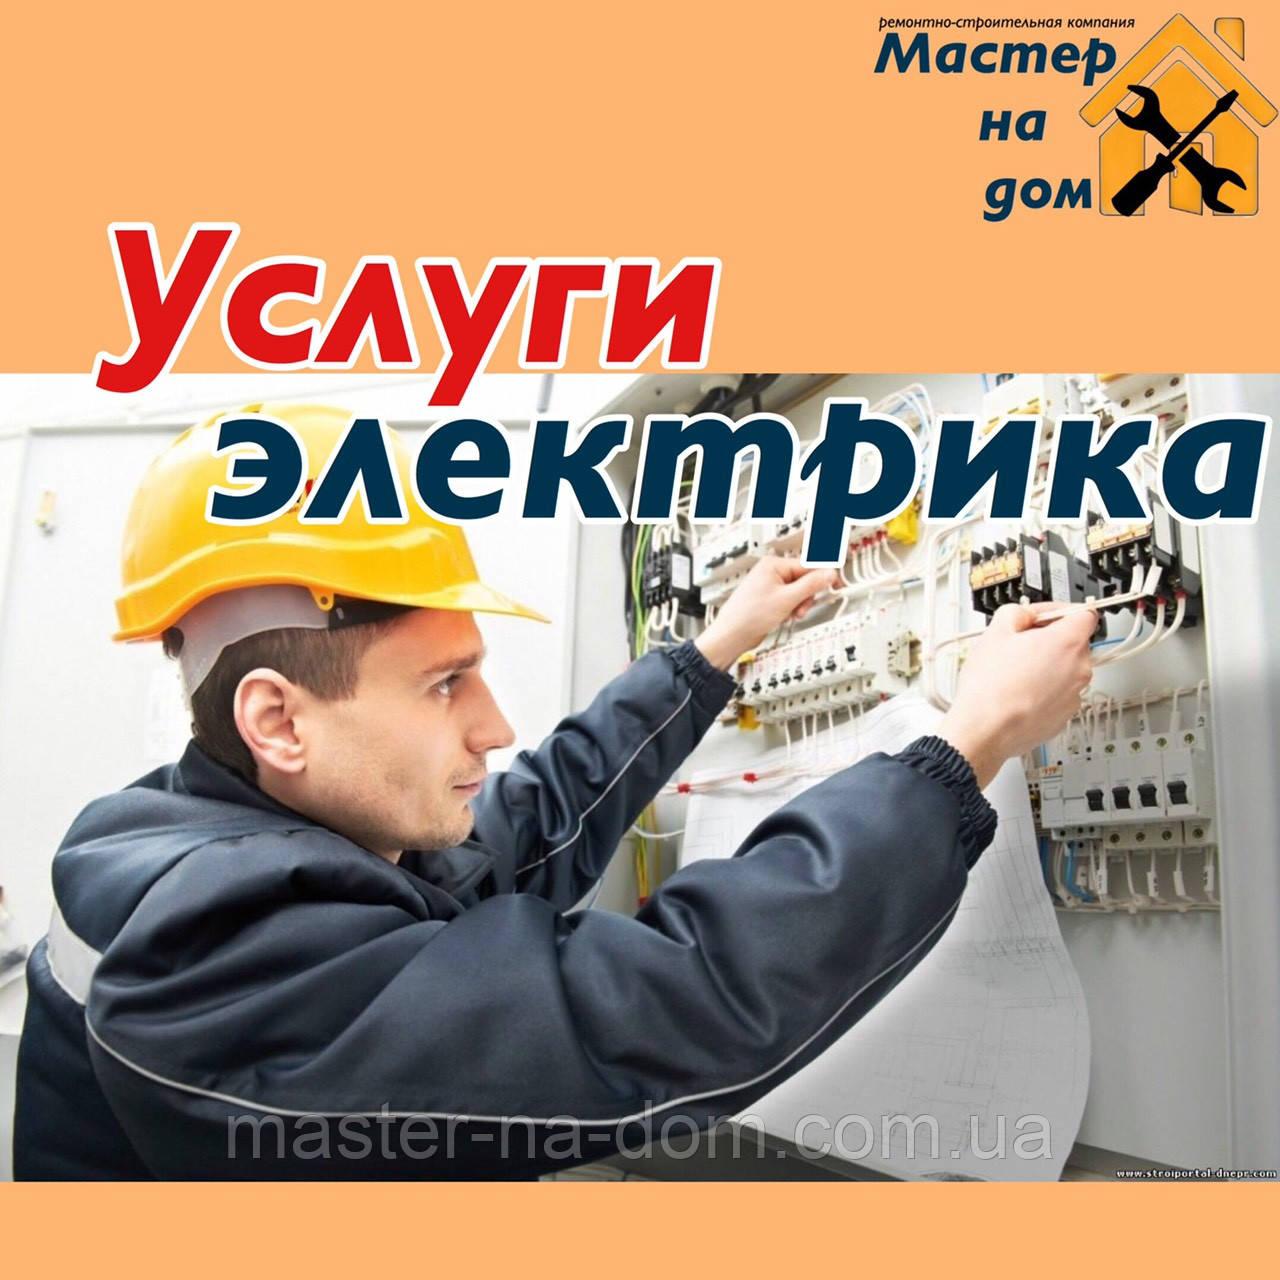 Услуги электрика в Чернигове